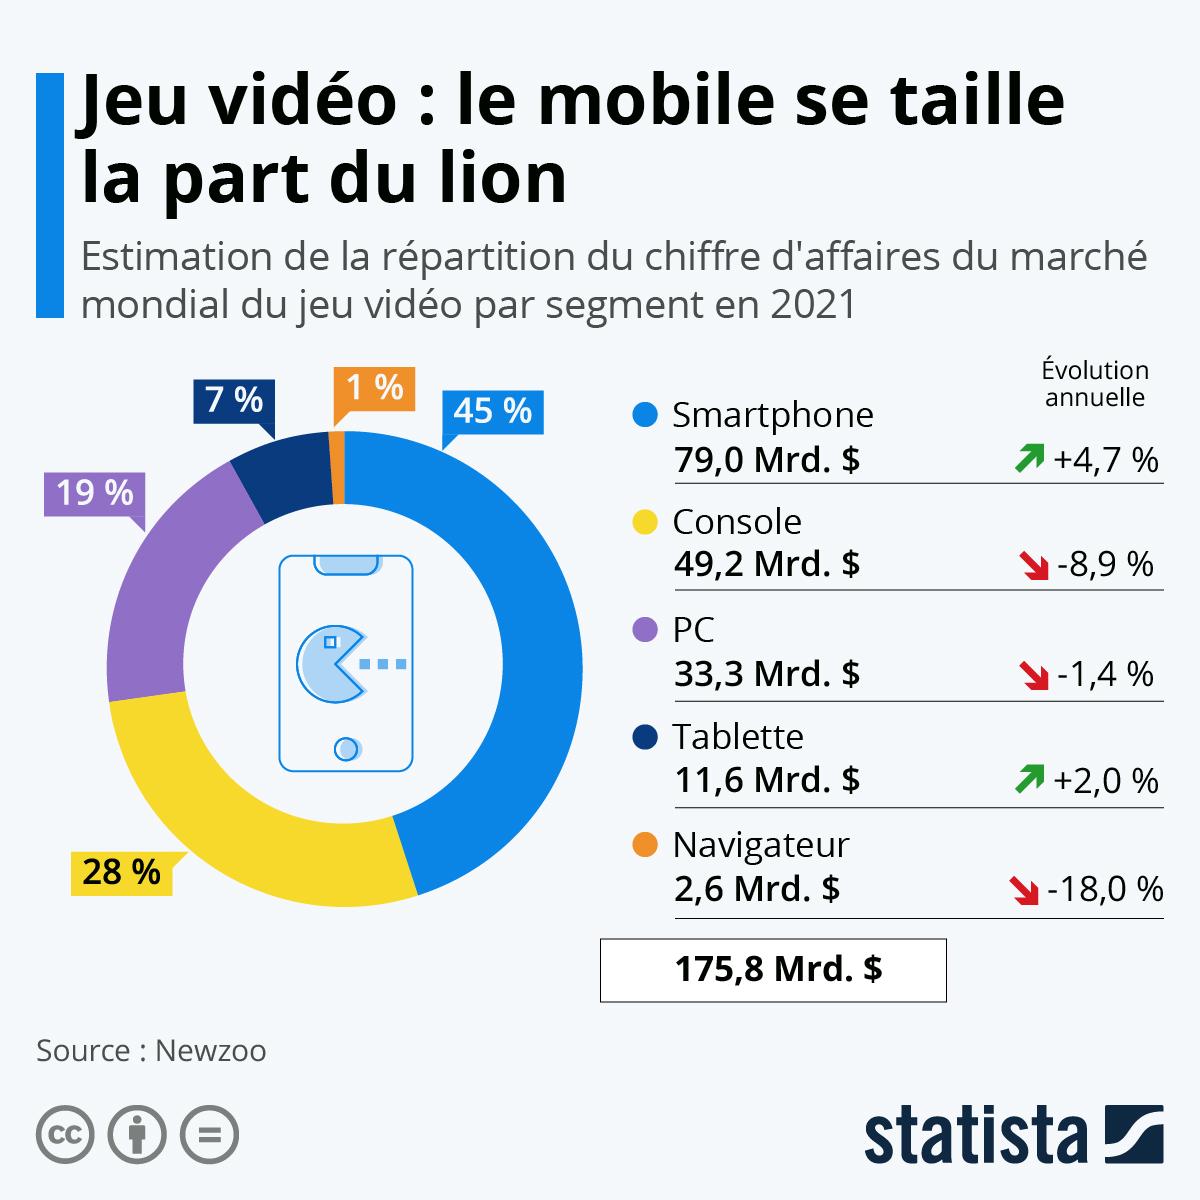 Infographie: Jeu vidéo : le mobile se taille la part du lion | Statista